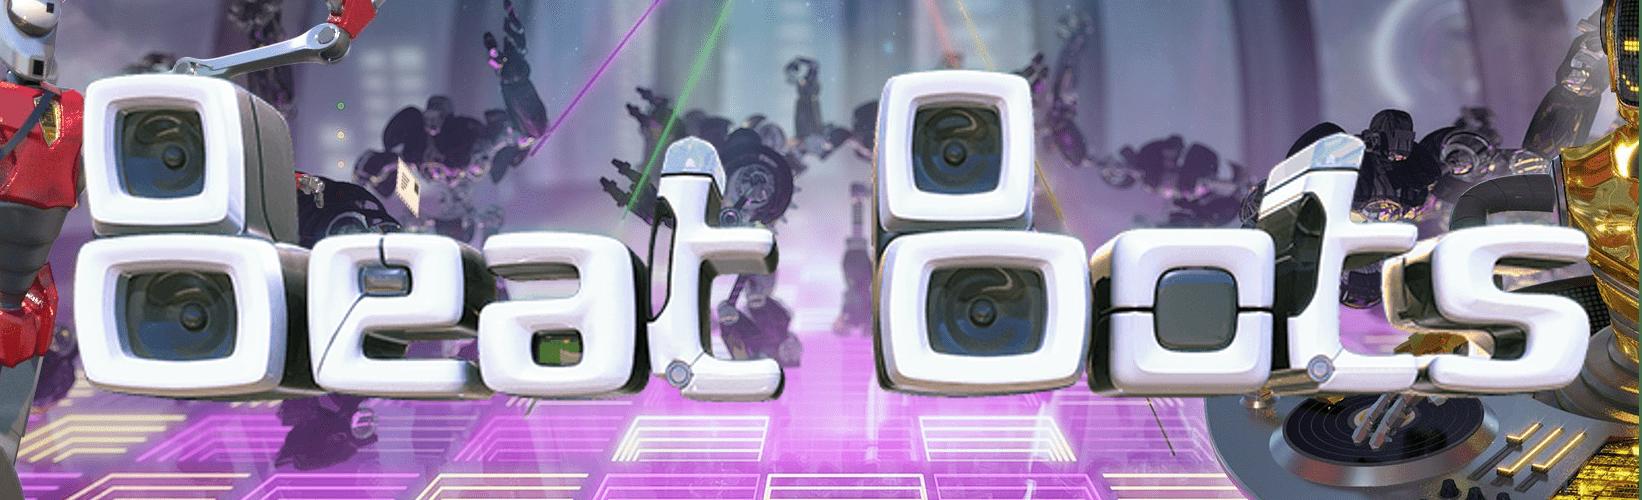 beat bots - WizardSlots